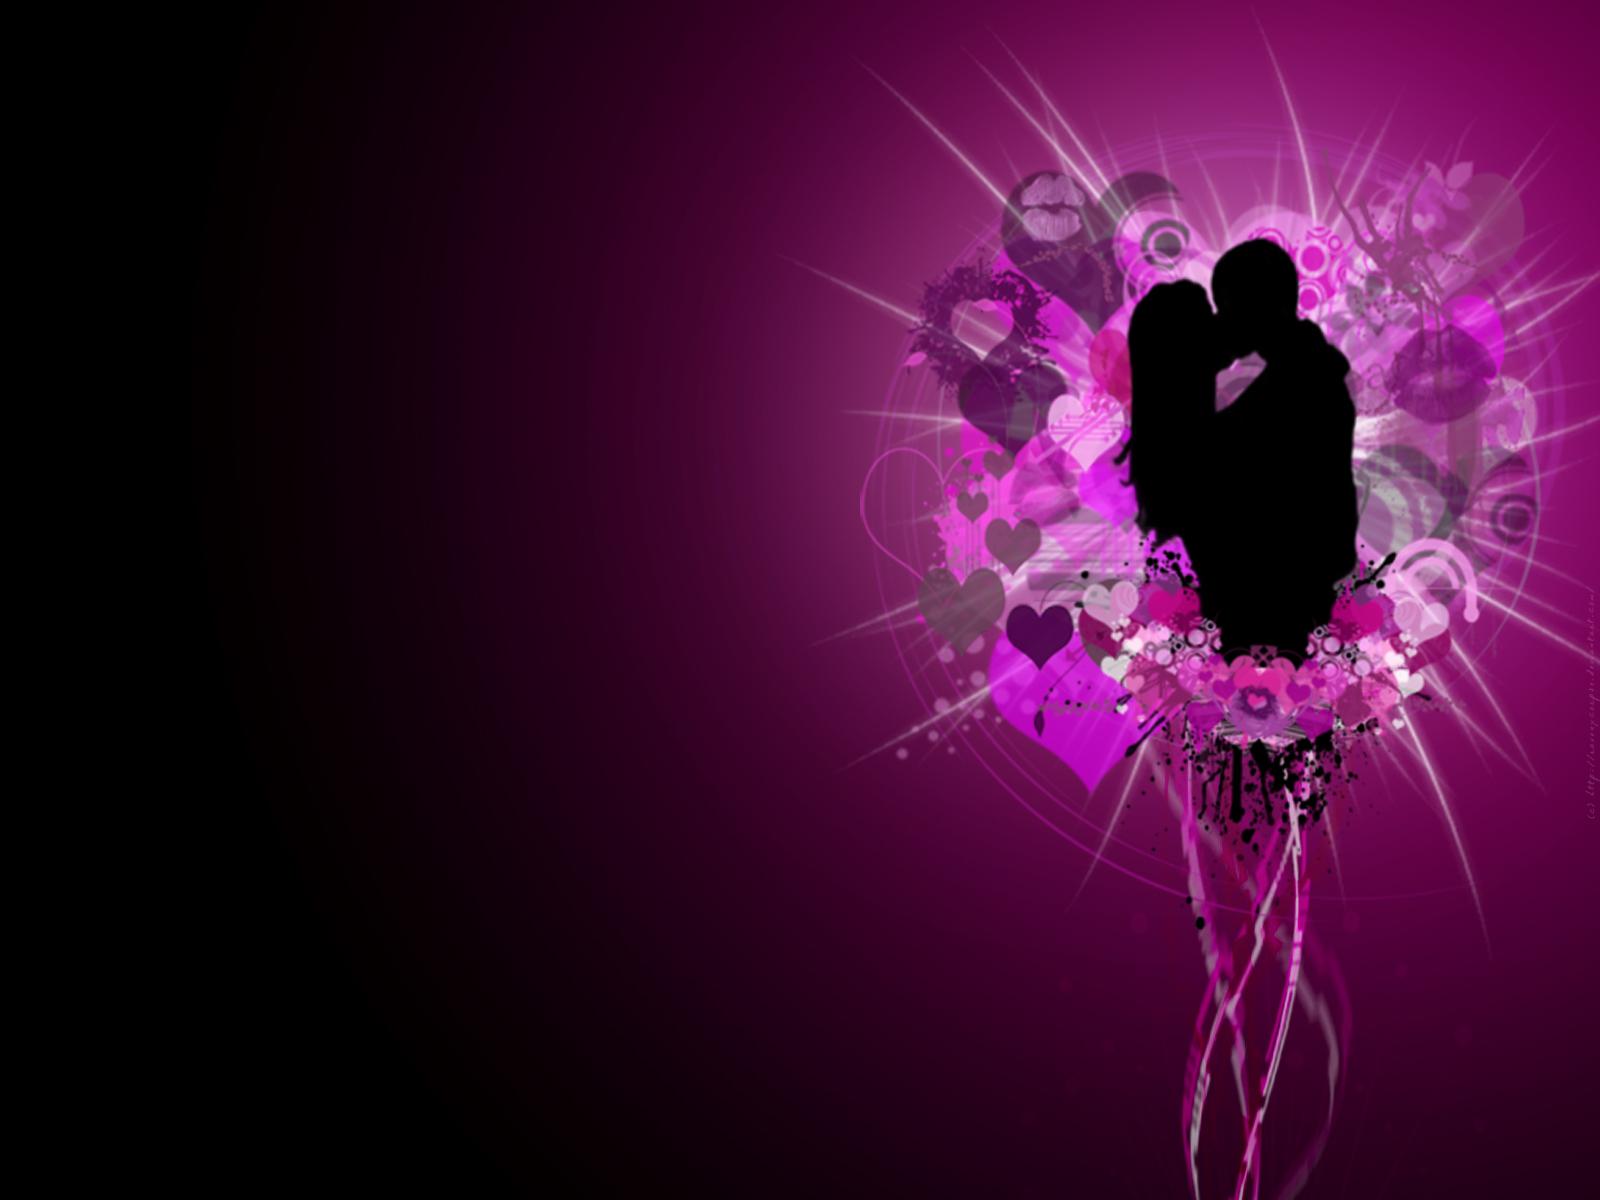 http://3.bp.blogspot.com/-Txax4KcNtWg/T6lJDQKch9I/AAAAAAAAAMc/yvZgRmvh4ic/s1600/Love+You+Forever+Love+Wallpaper.jpg